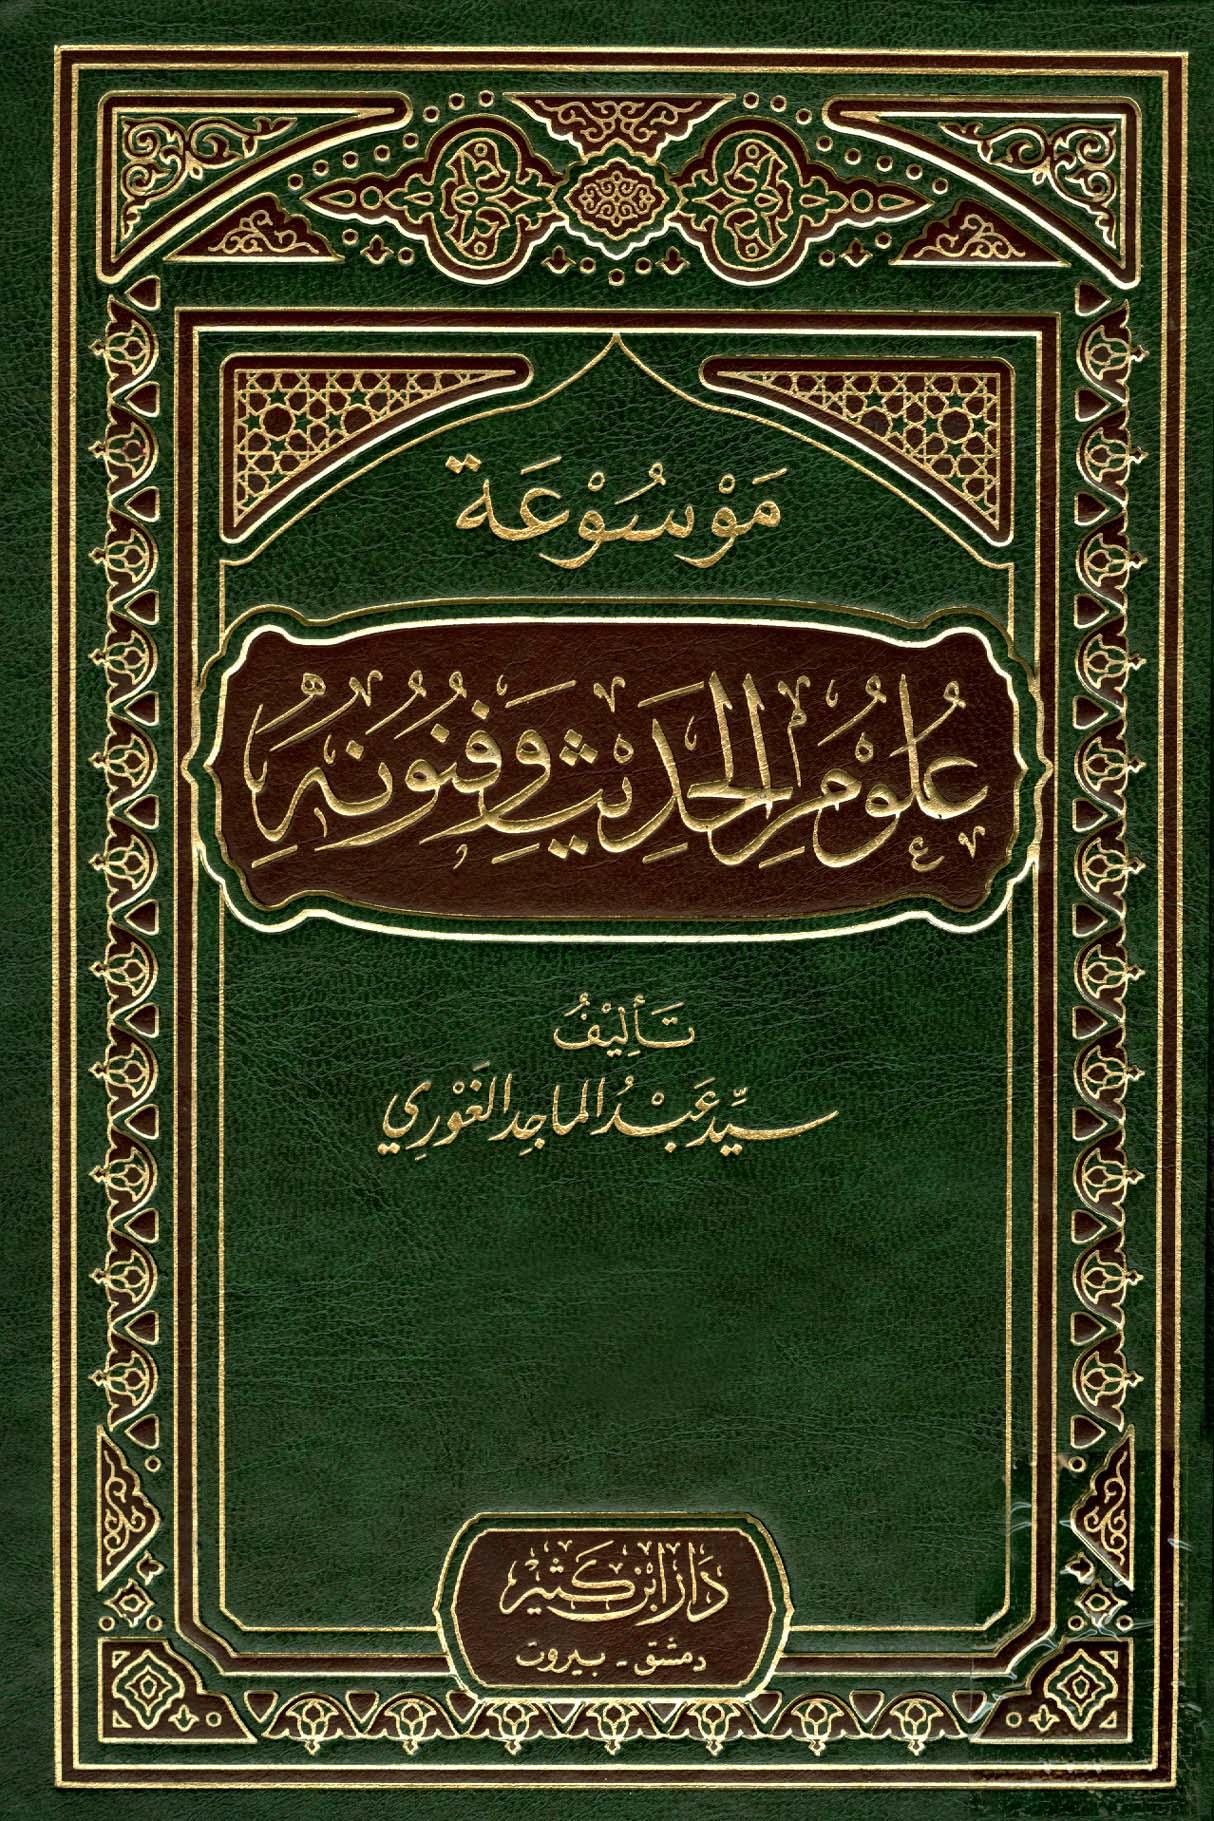 كتاب  موسوعة علوم الحديث وفنونه